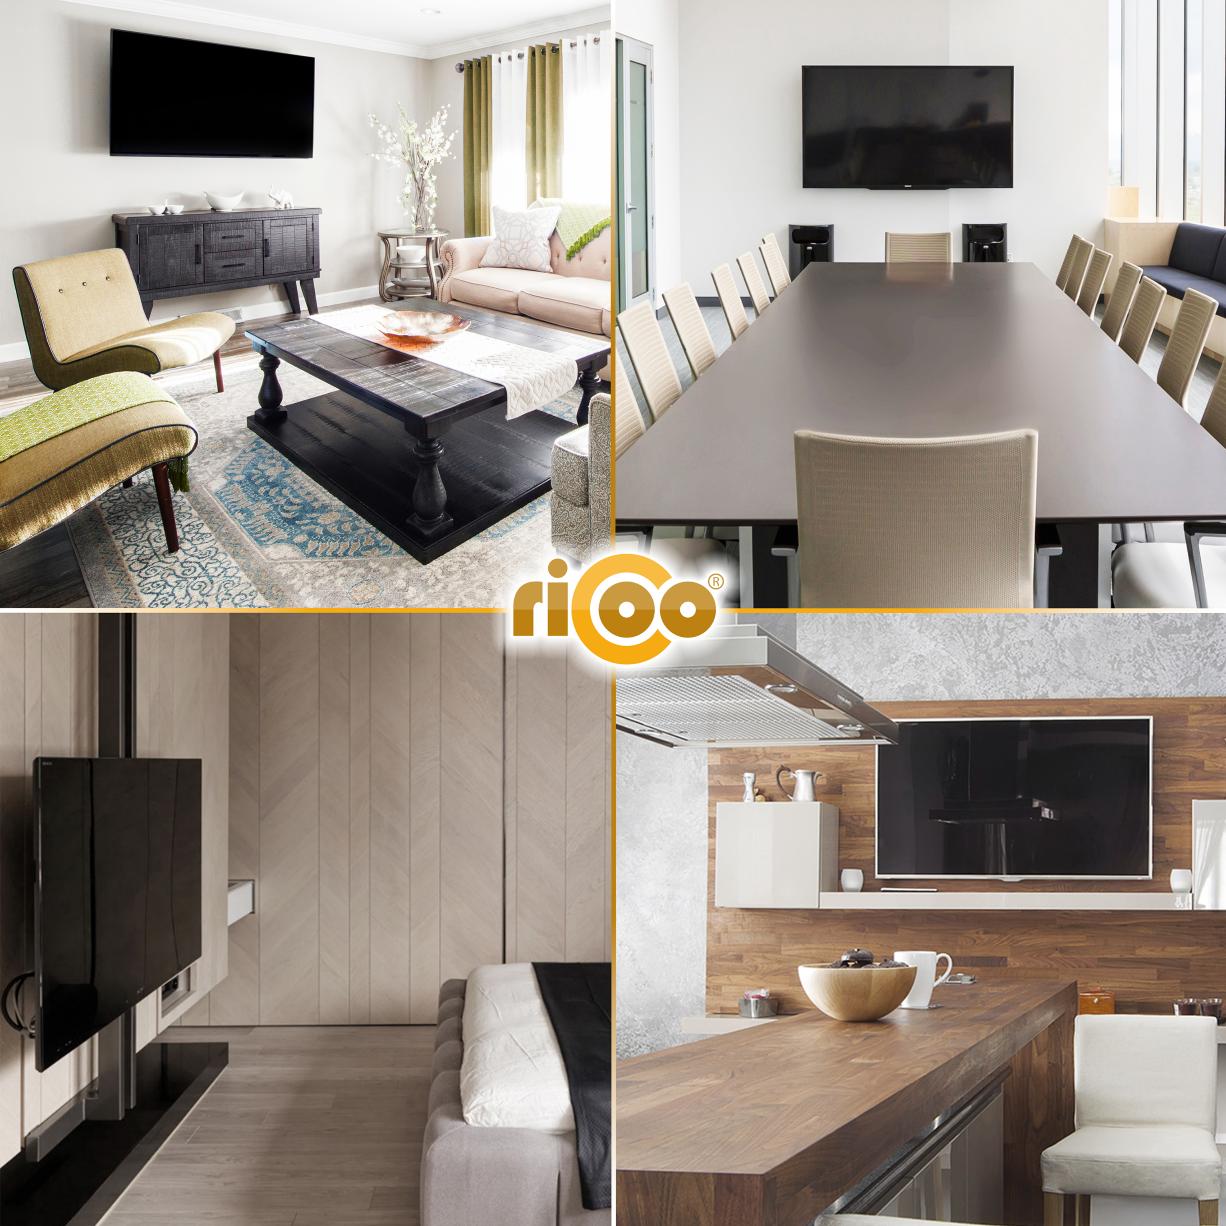 ricoo wandhalterung tv schwenkbar neigbar s1844 universal lcd wandhalter ausziehbar fernseher. Black Bedroom Furniture Sets. Home Design Ideas